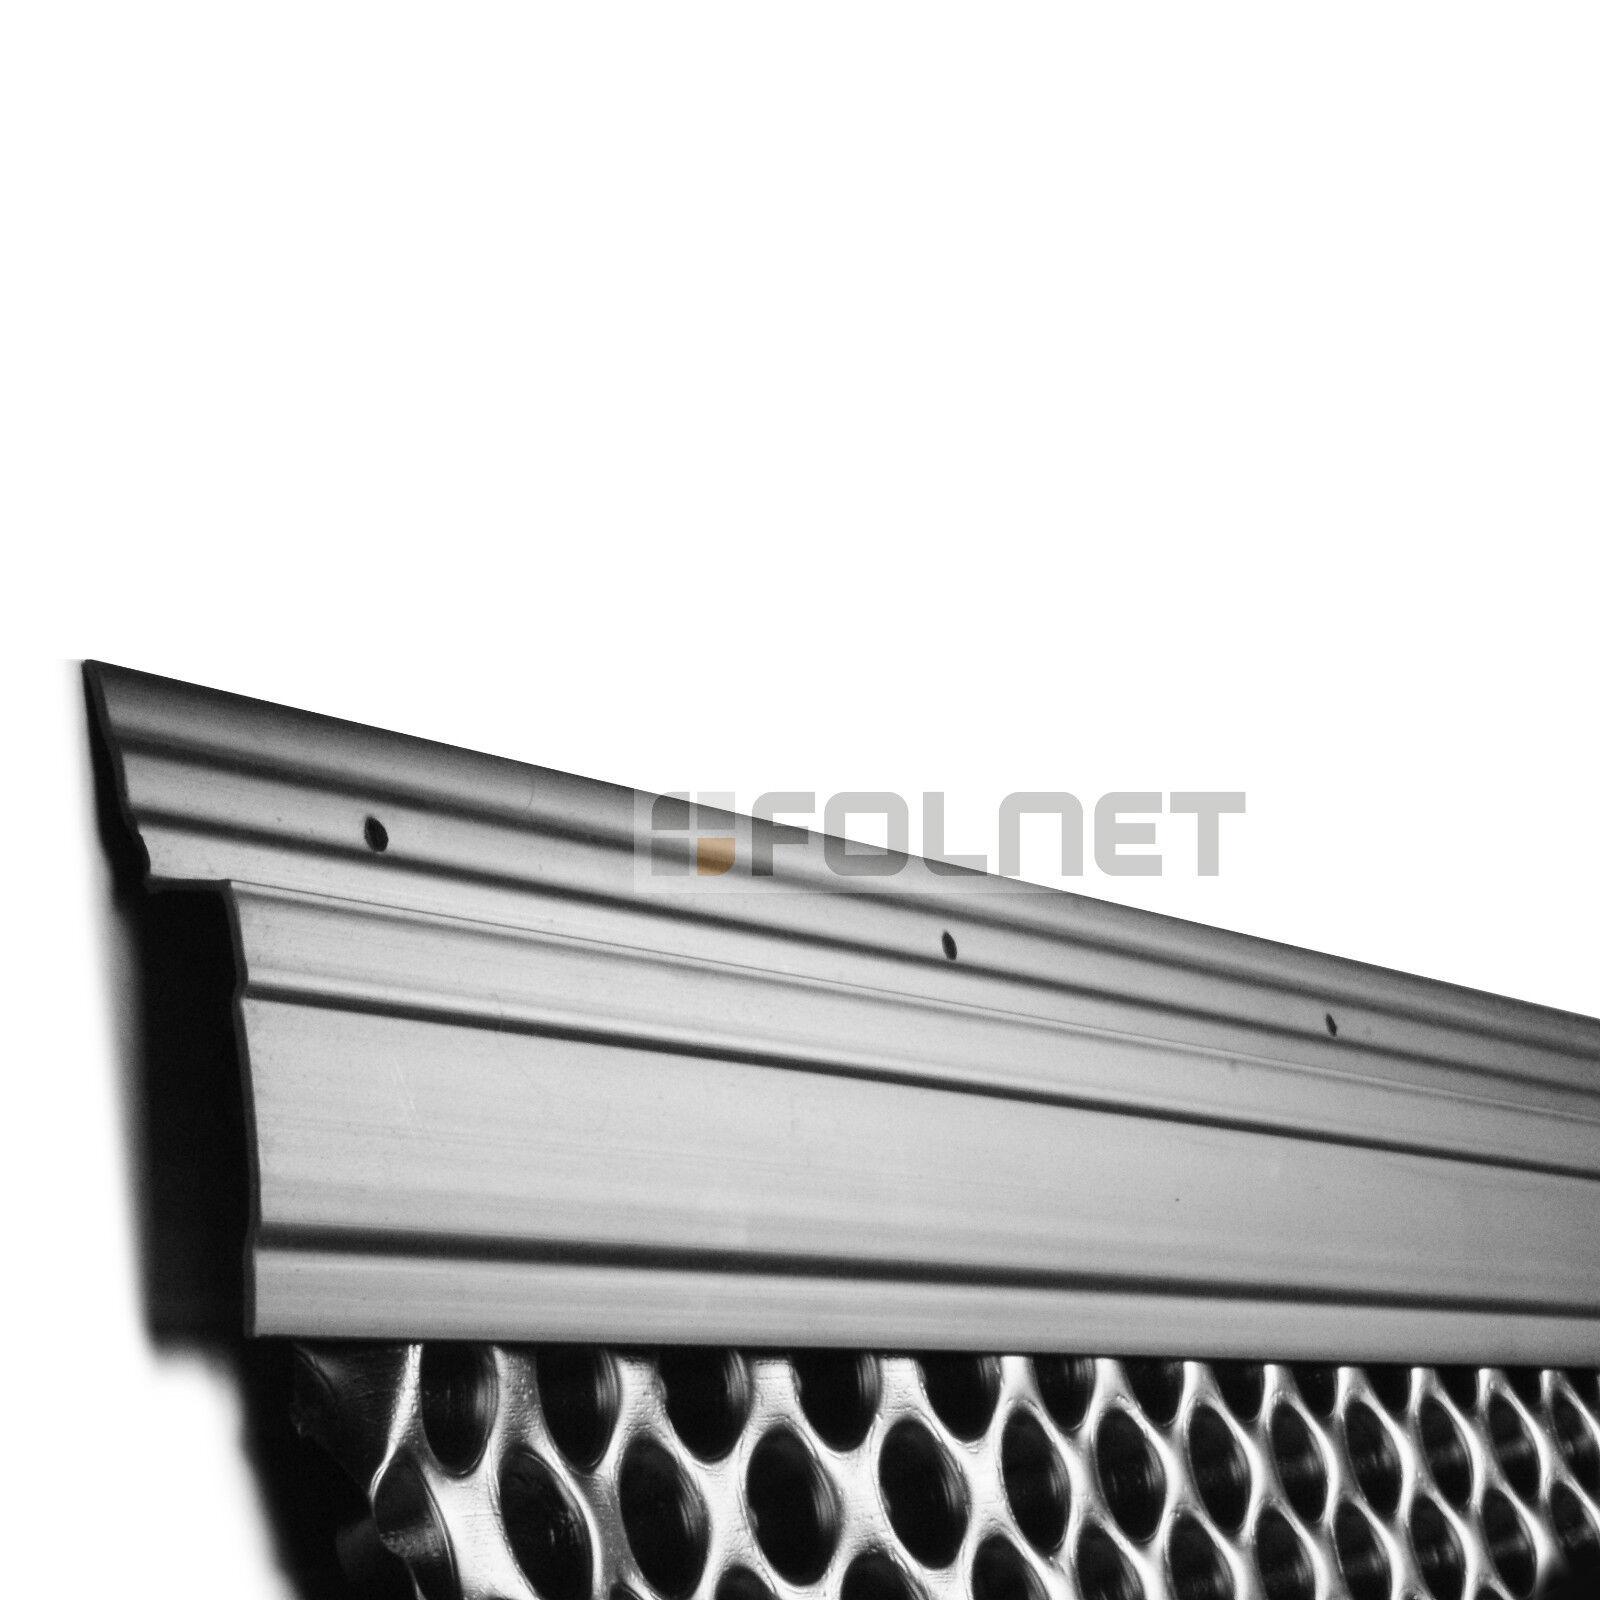 noppenbahn grundmauerschutz noppenfolie 1 m x 20 m eur. Black Bedroom Furniture Sets. Home Design Ideas